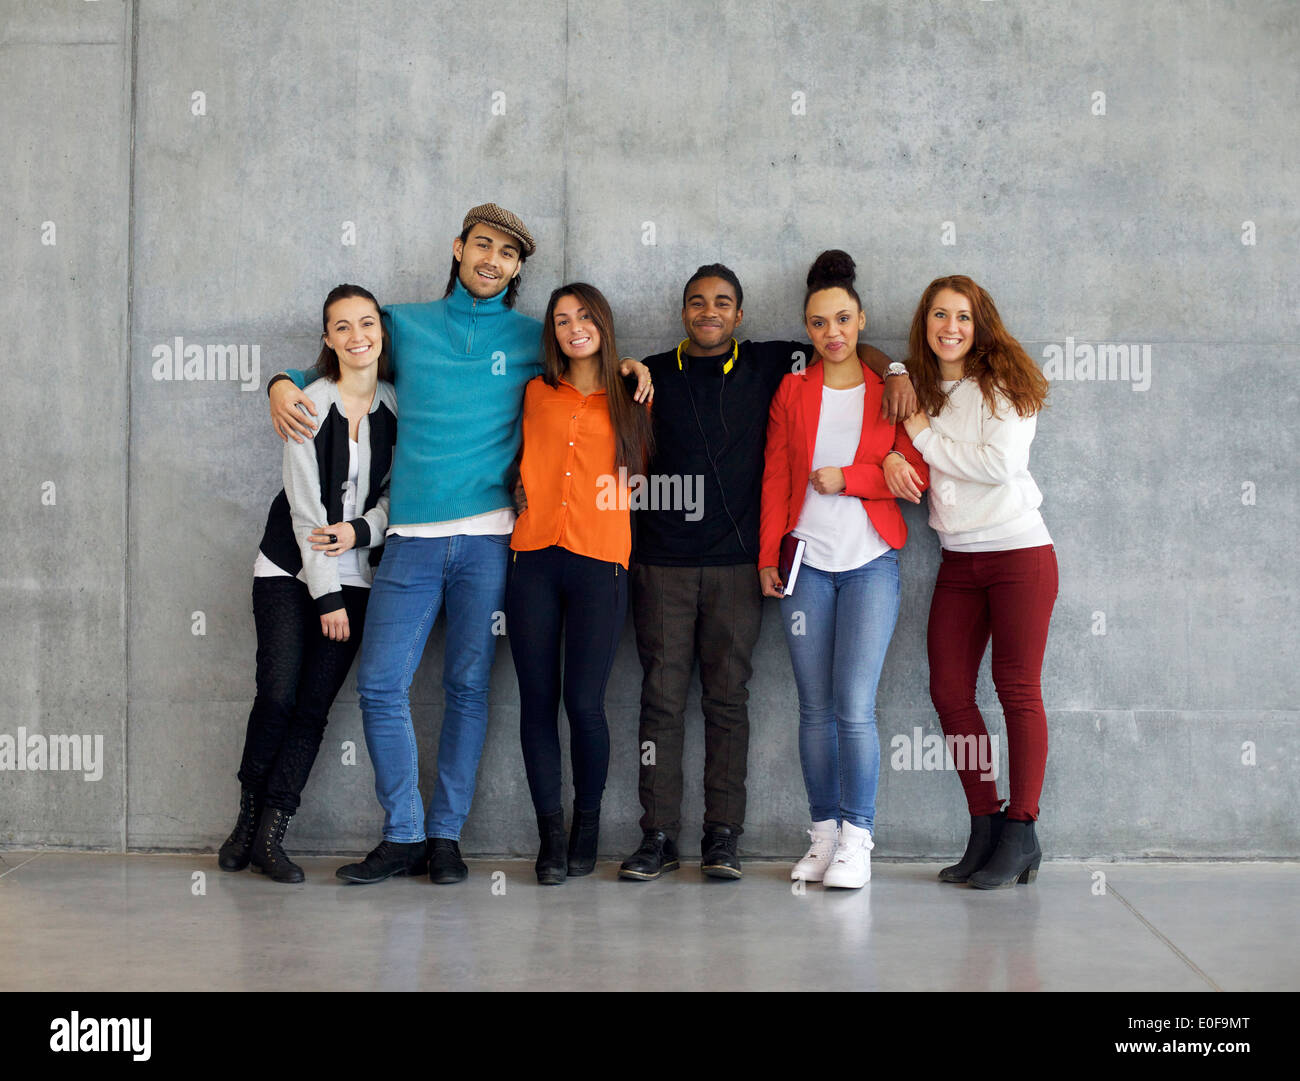 Gruppo multietnico di felice giovani studenti universitari del campus. Razza mista giovani insieme permanente contro la parete. Immagini Stock